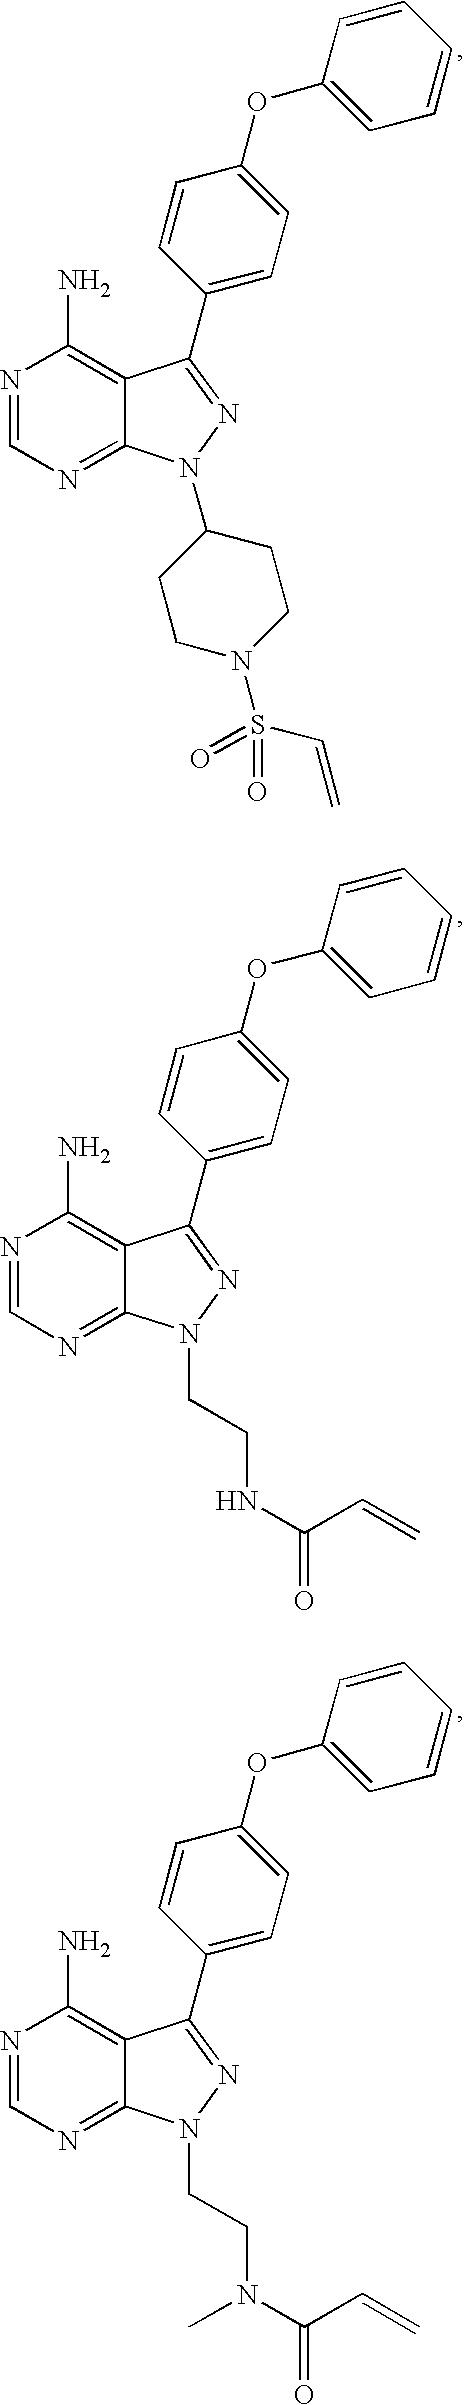 Figure US07514444-20090407-C00024